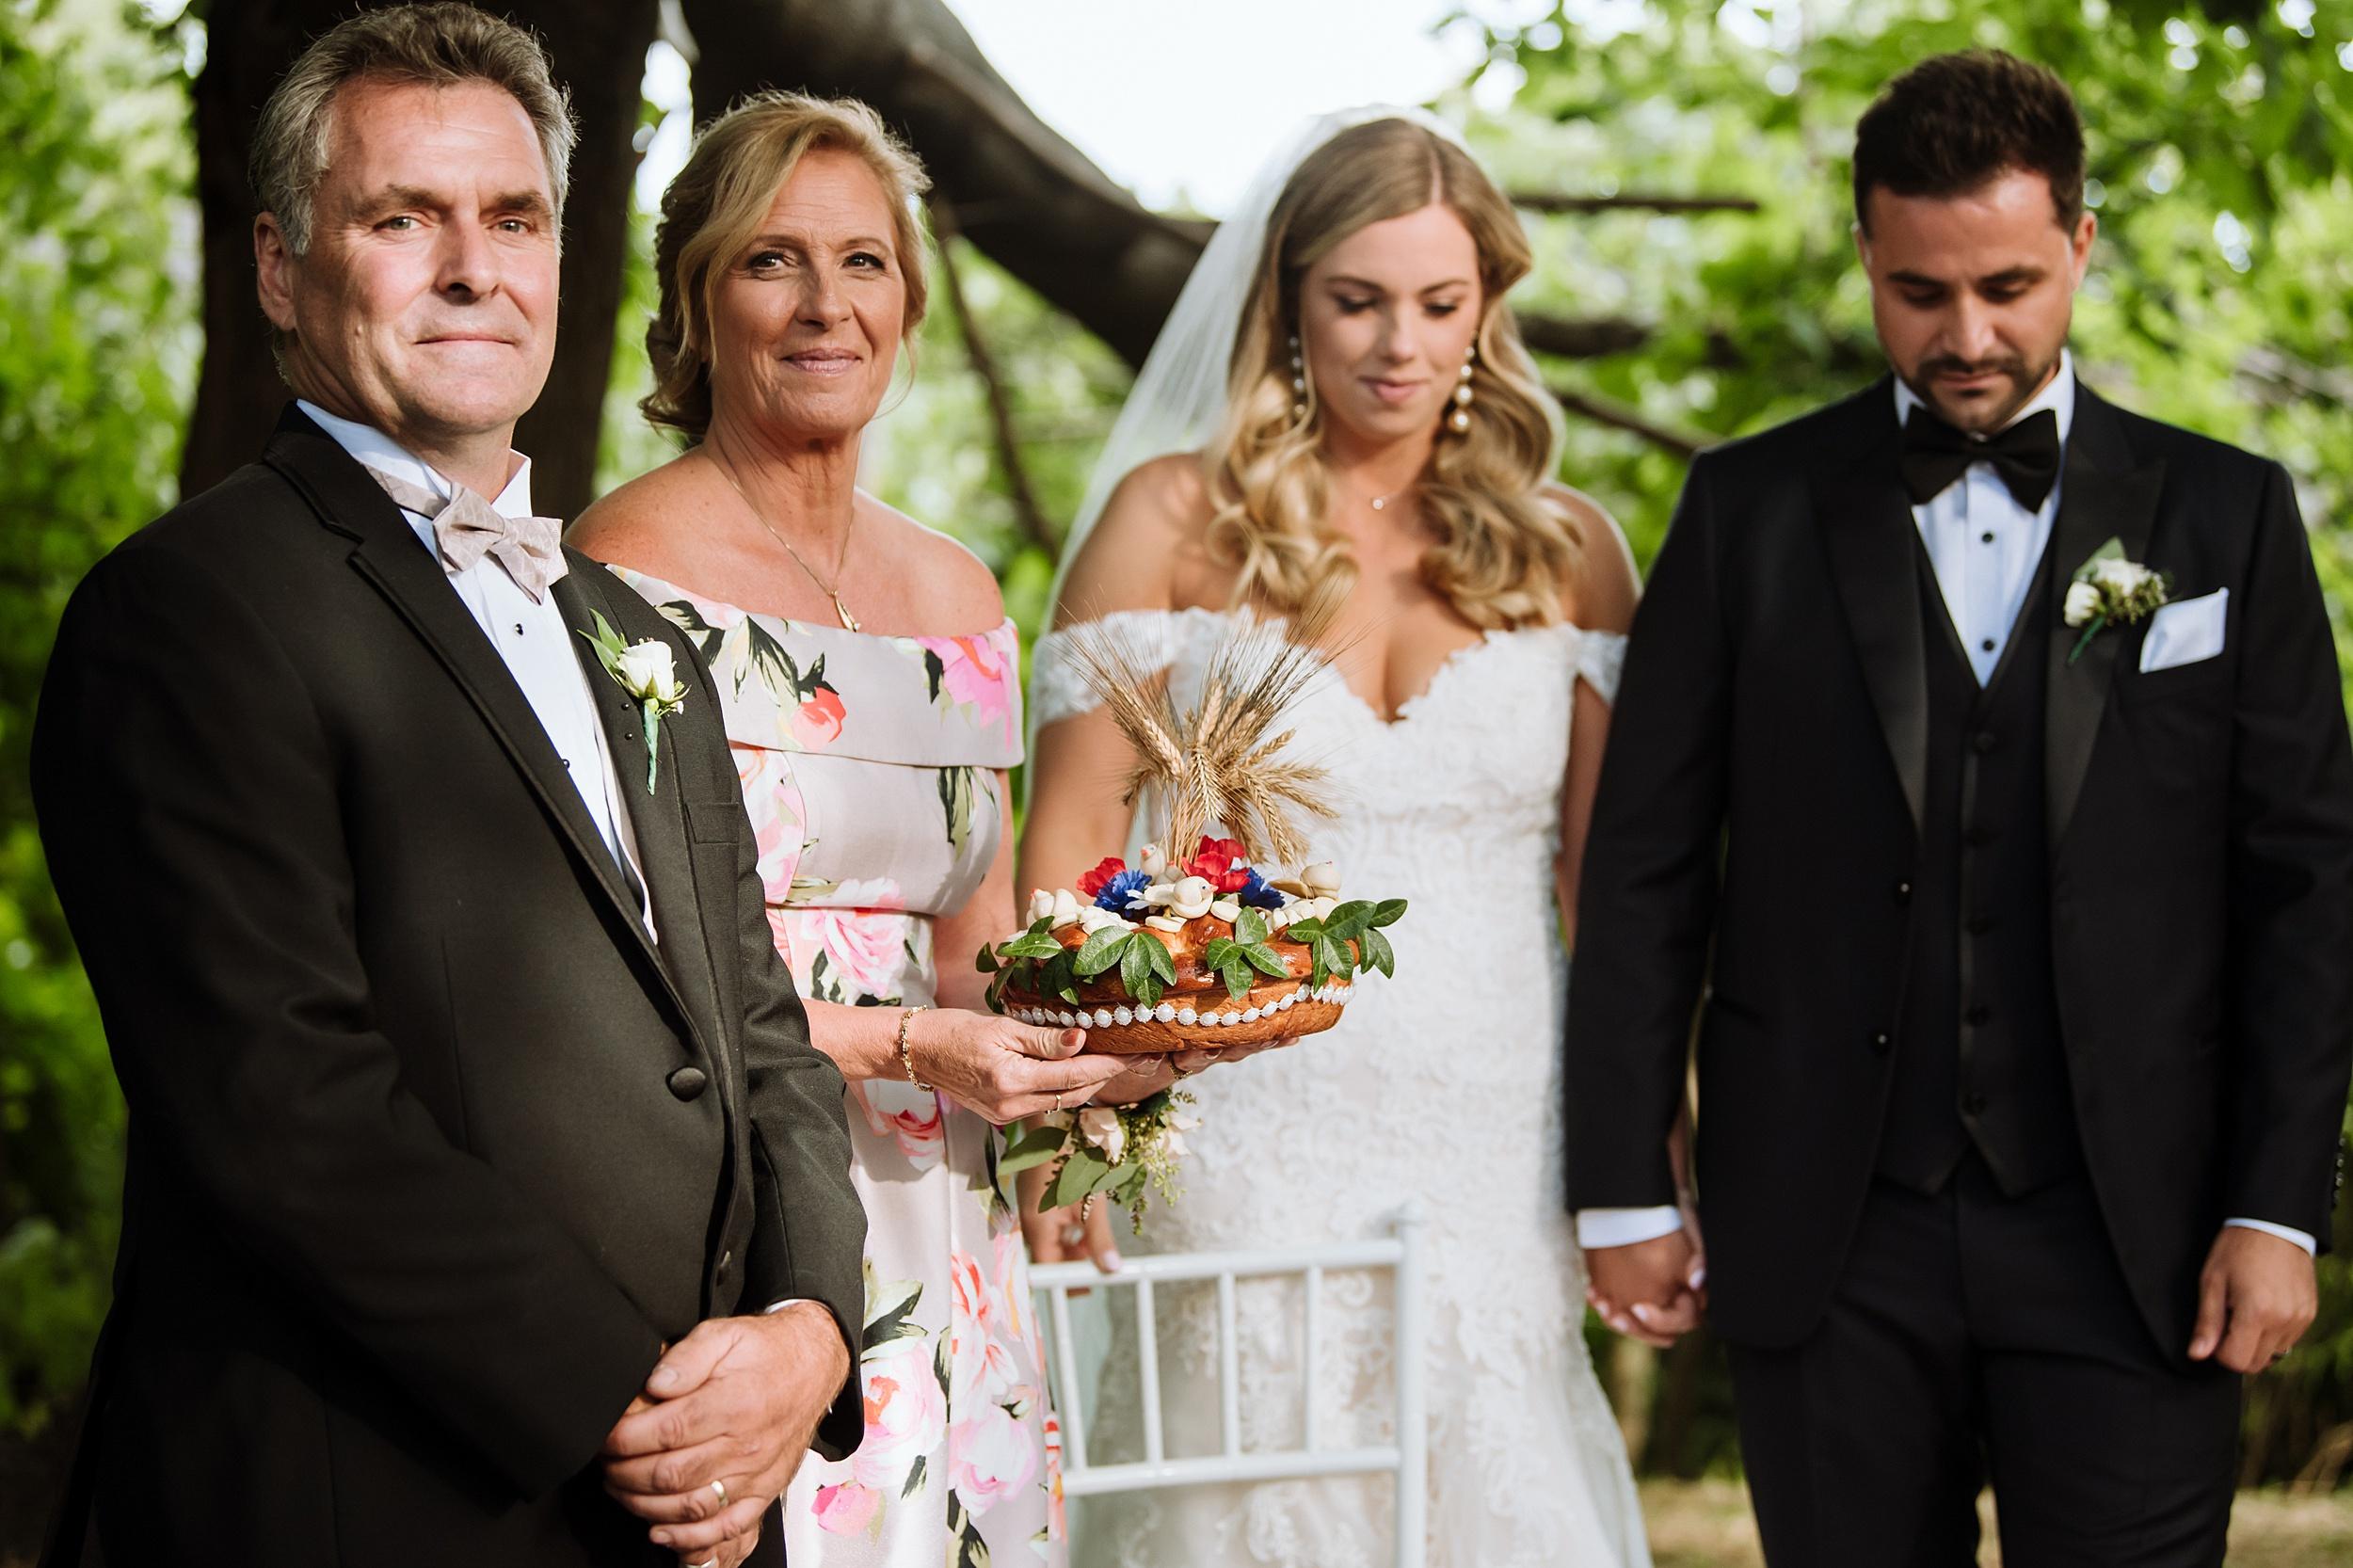 Rustic_Backyard_Wedding_Toronto_Photographer110.jpg